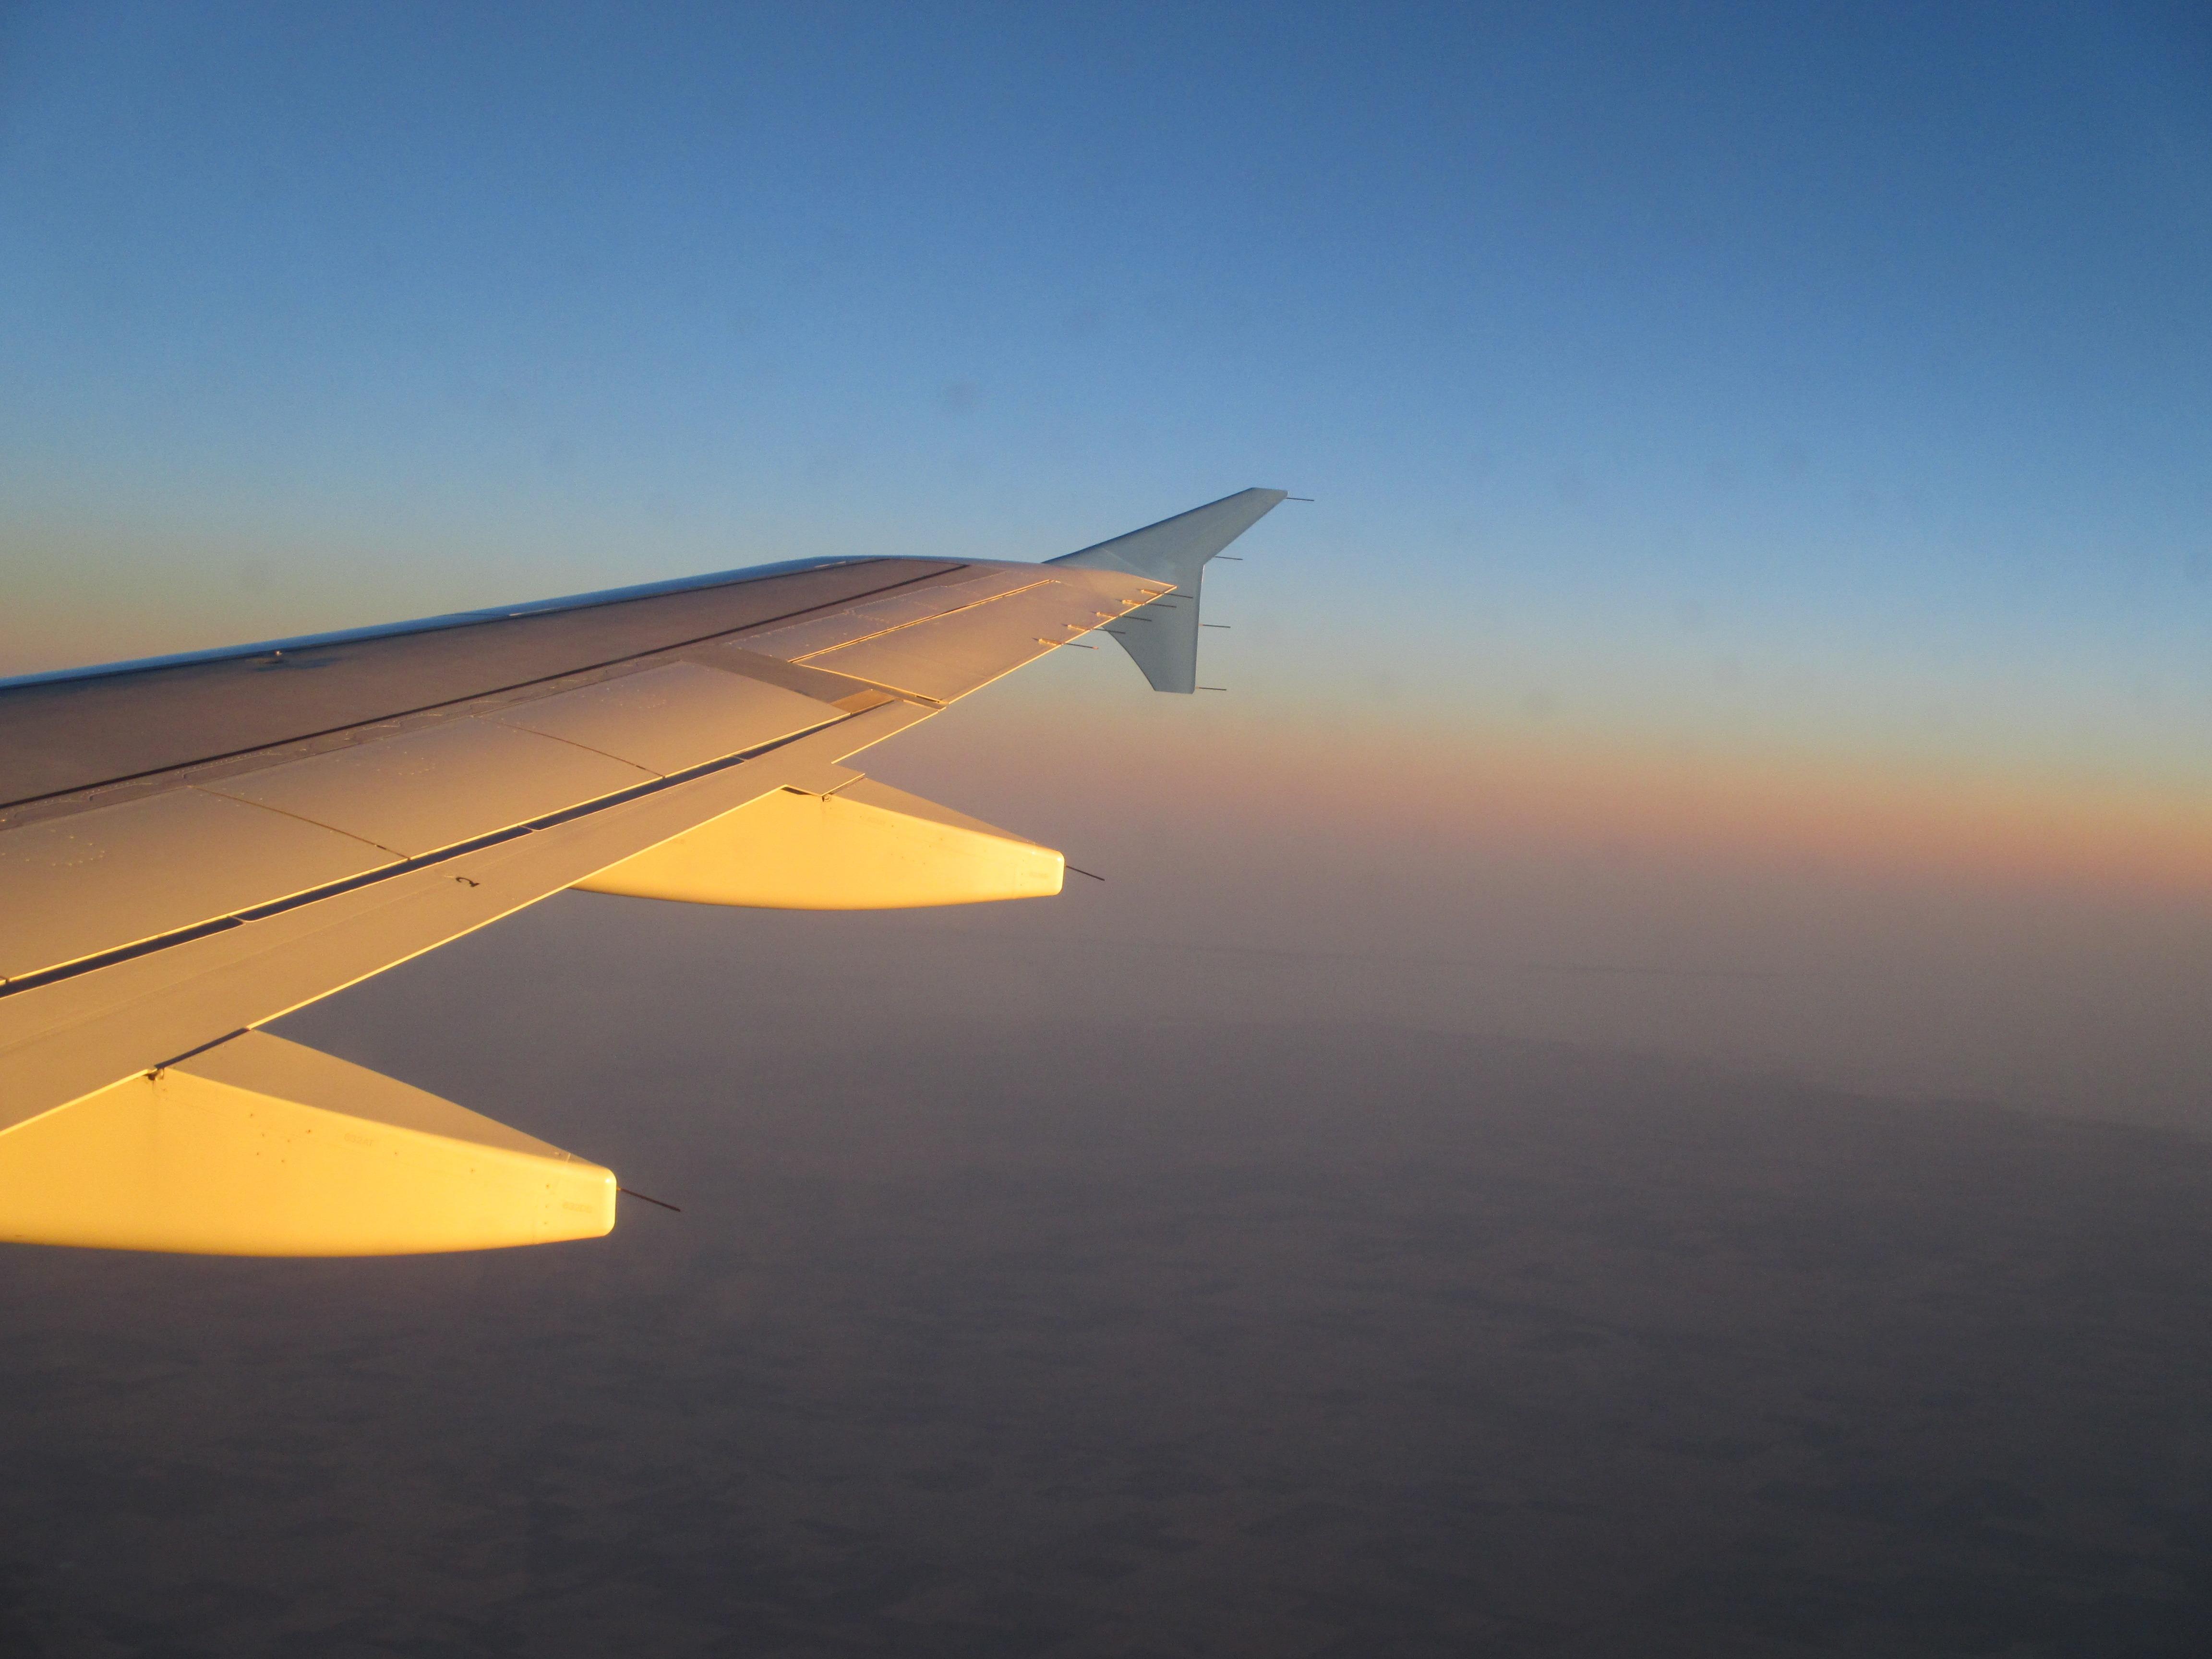 Geschwindigkeit der Fluggesellschaft